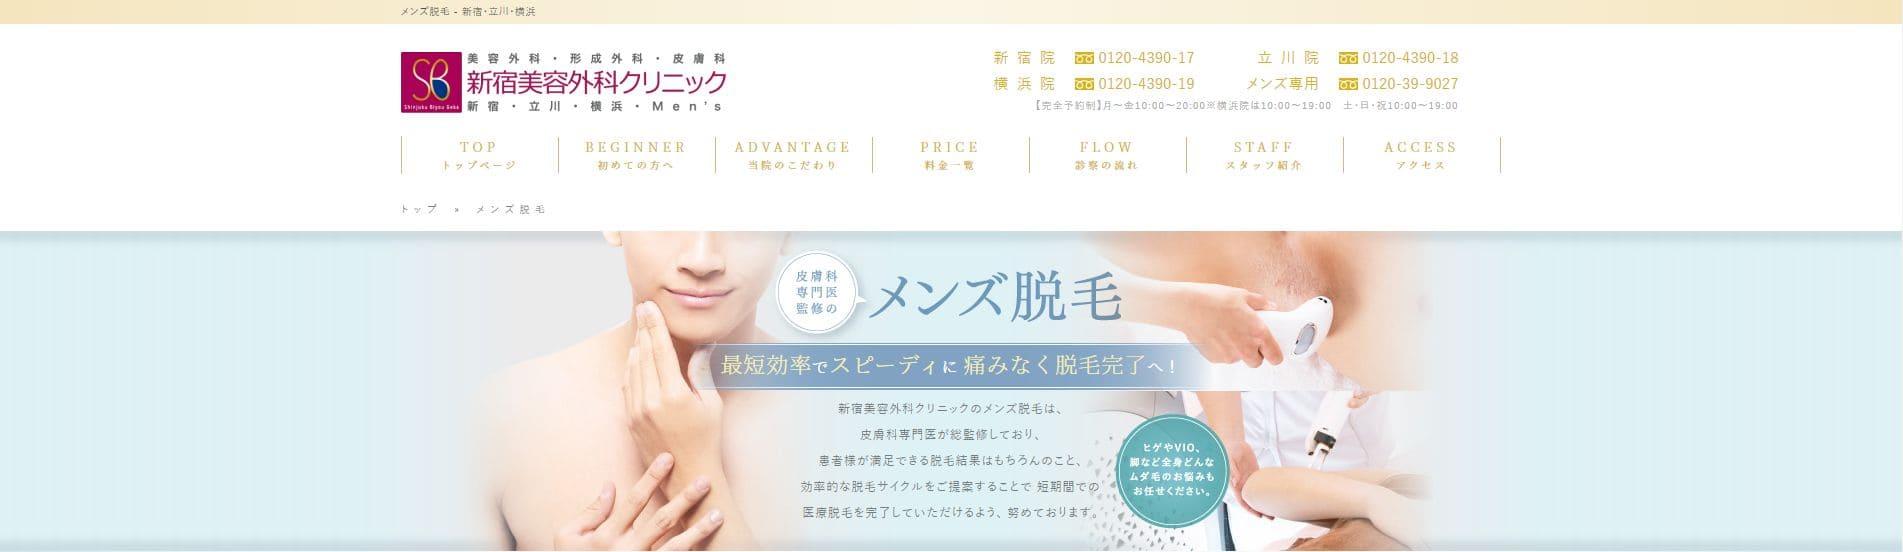 画像引用元:新宿美容外科公式